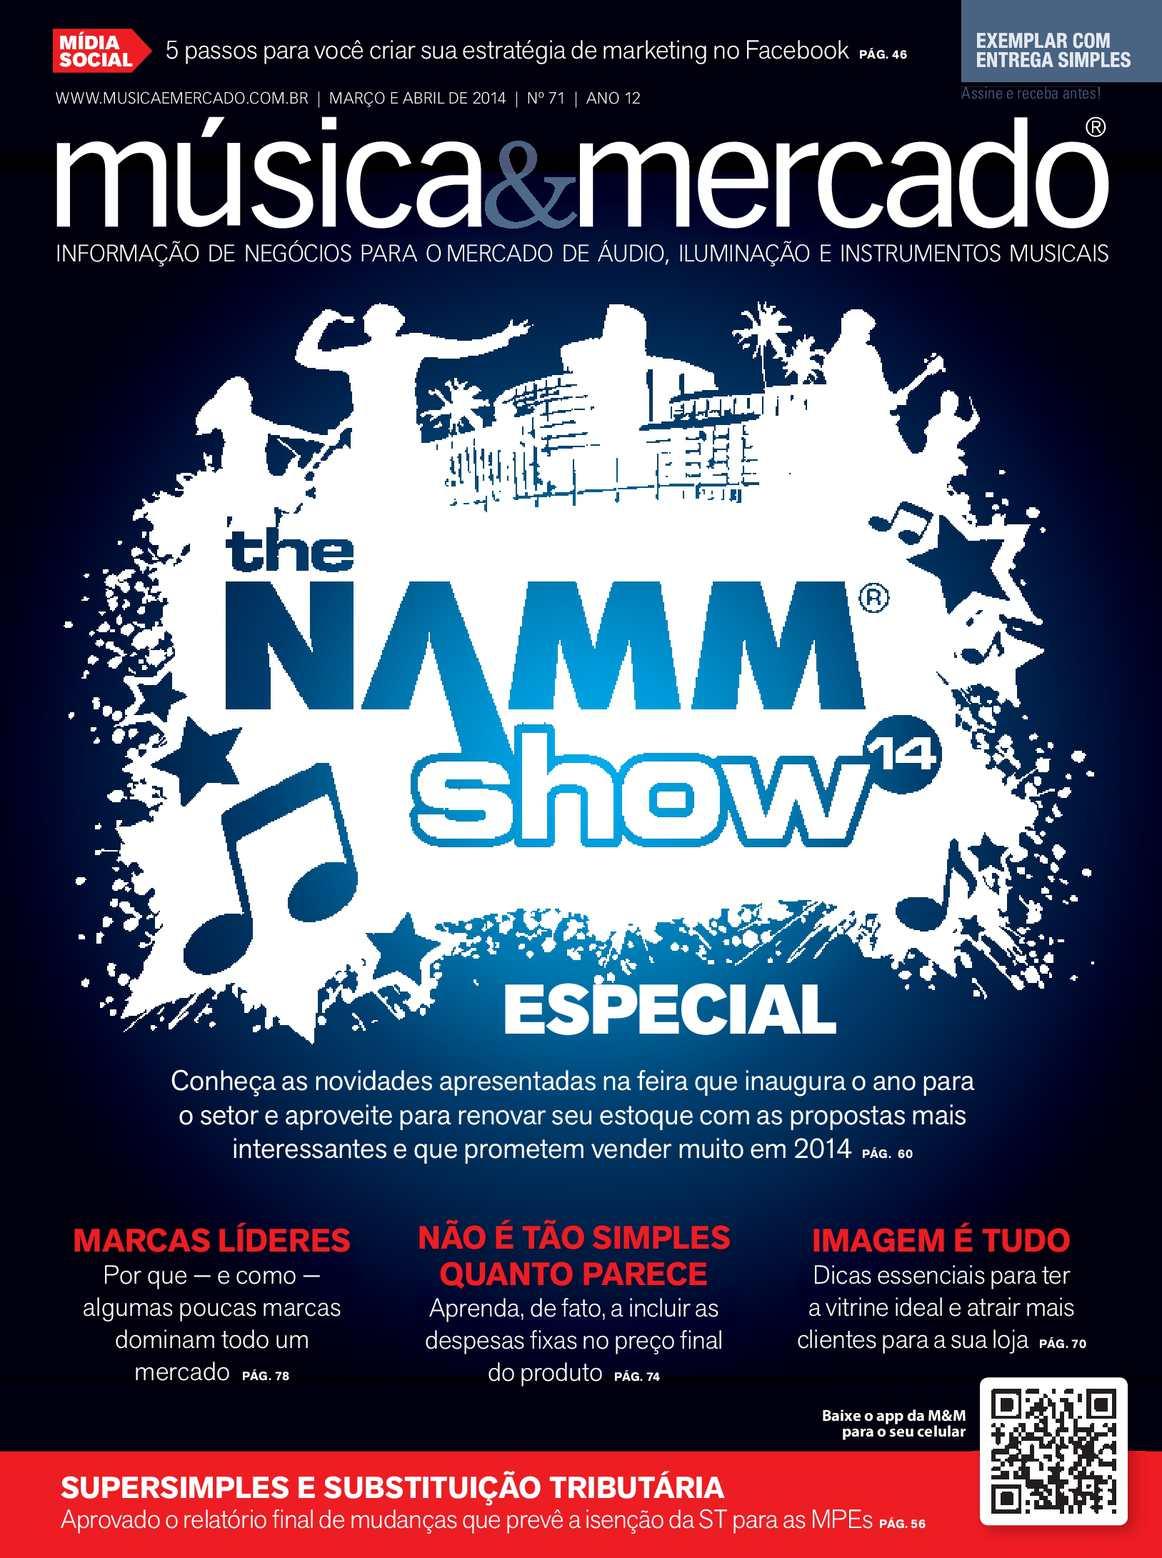 848e211ea Calaméo -  71 MARÇO ABRIL 2014 - Música   Mercado em Português